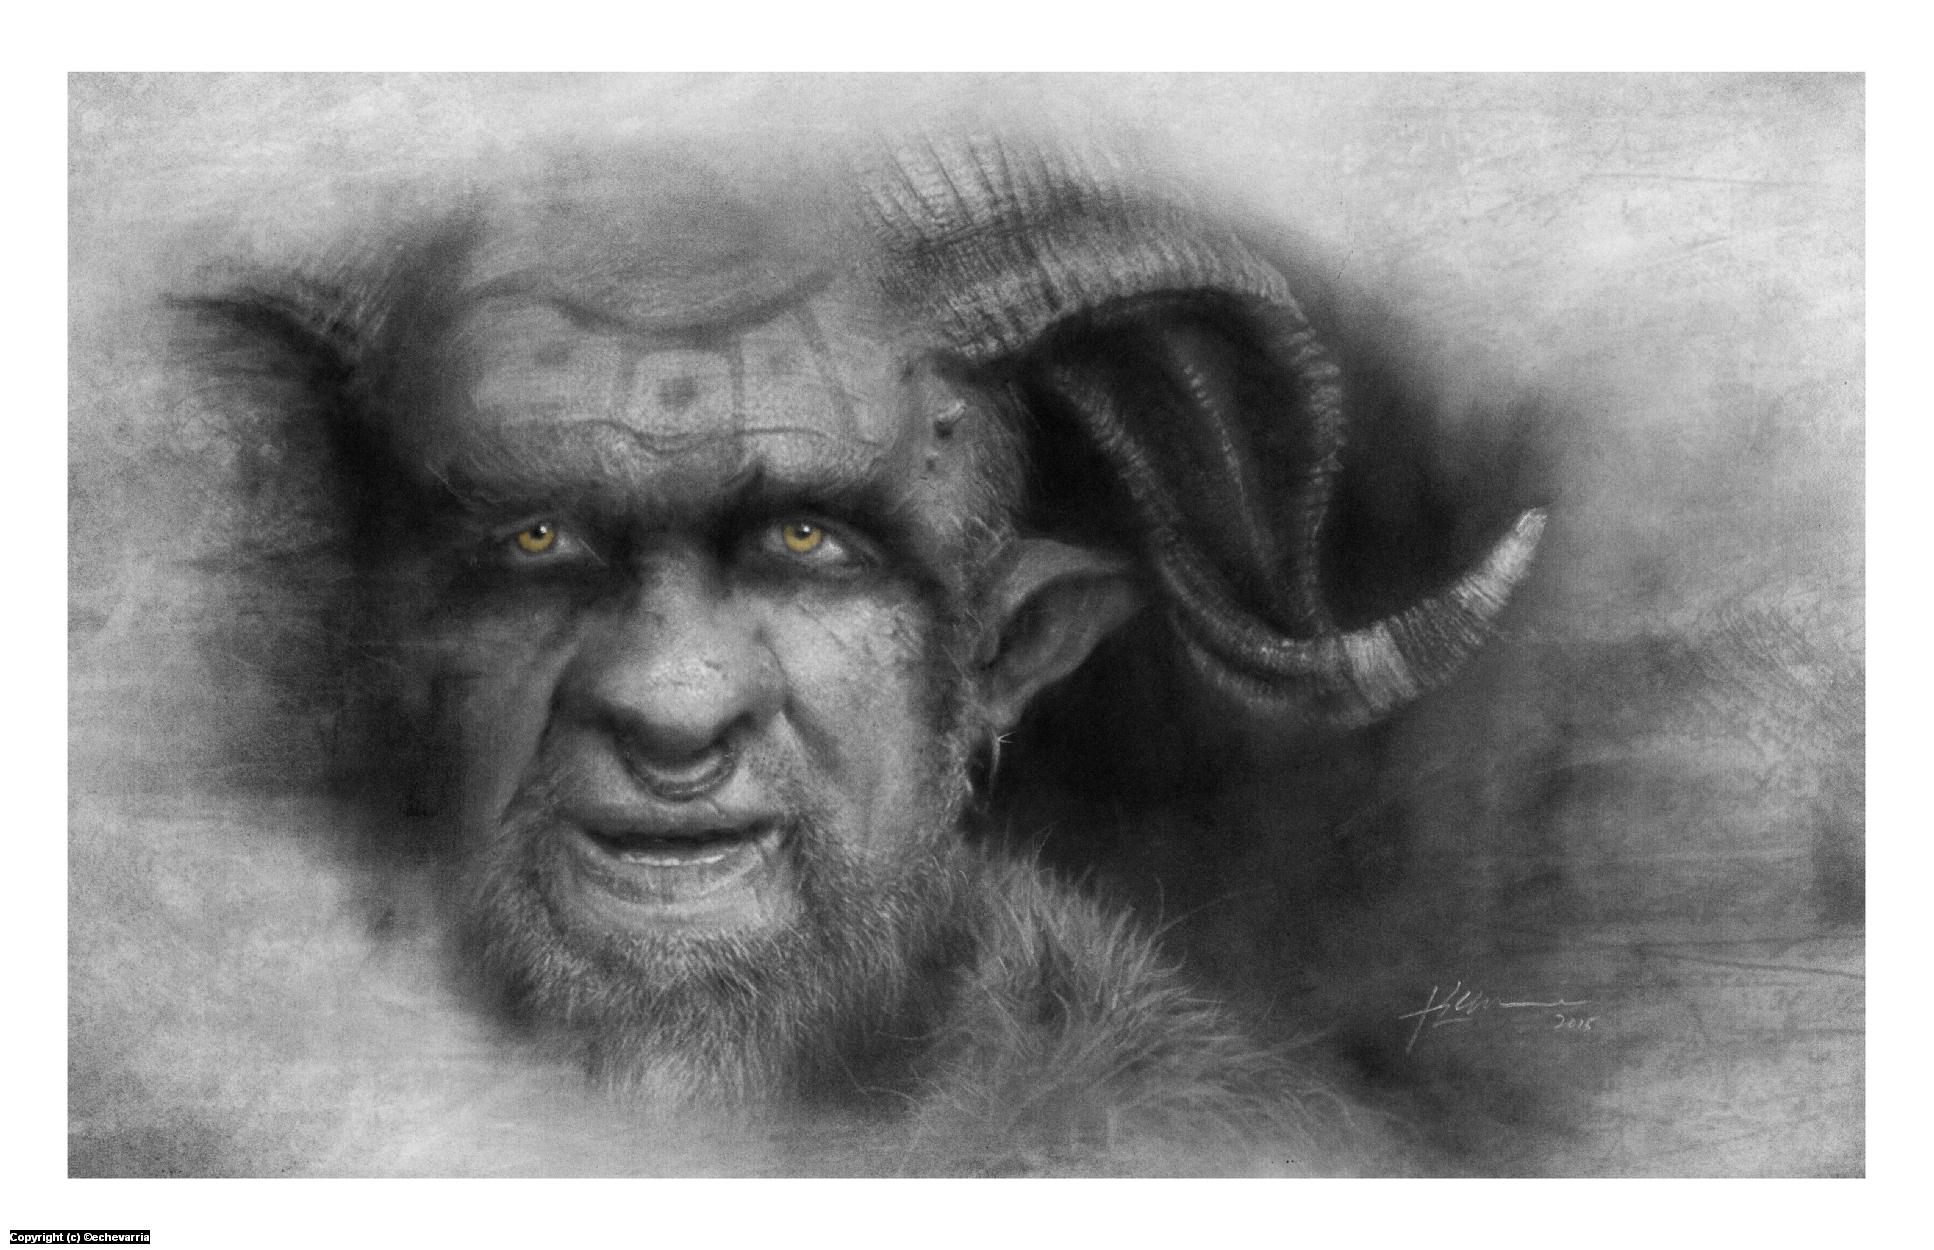 Bryar Mohrklen  Artwork by Jeff Echevarria